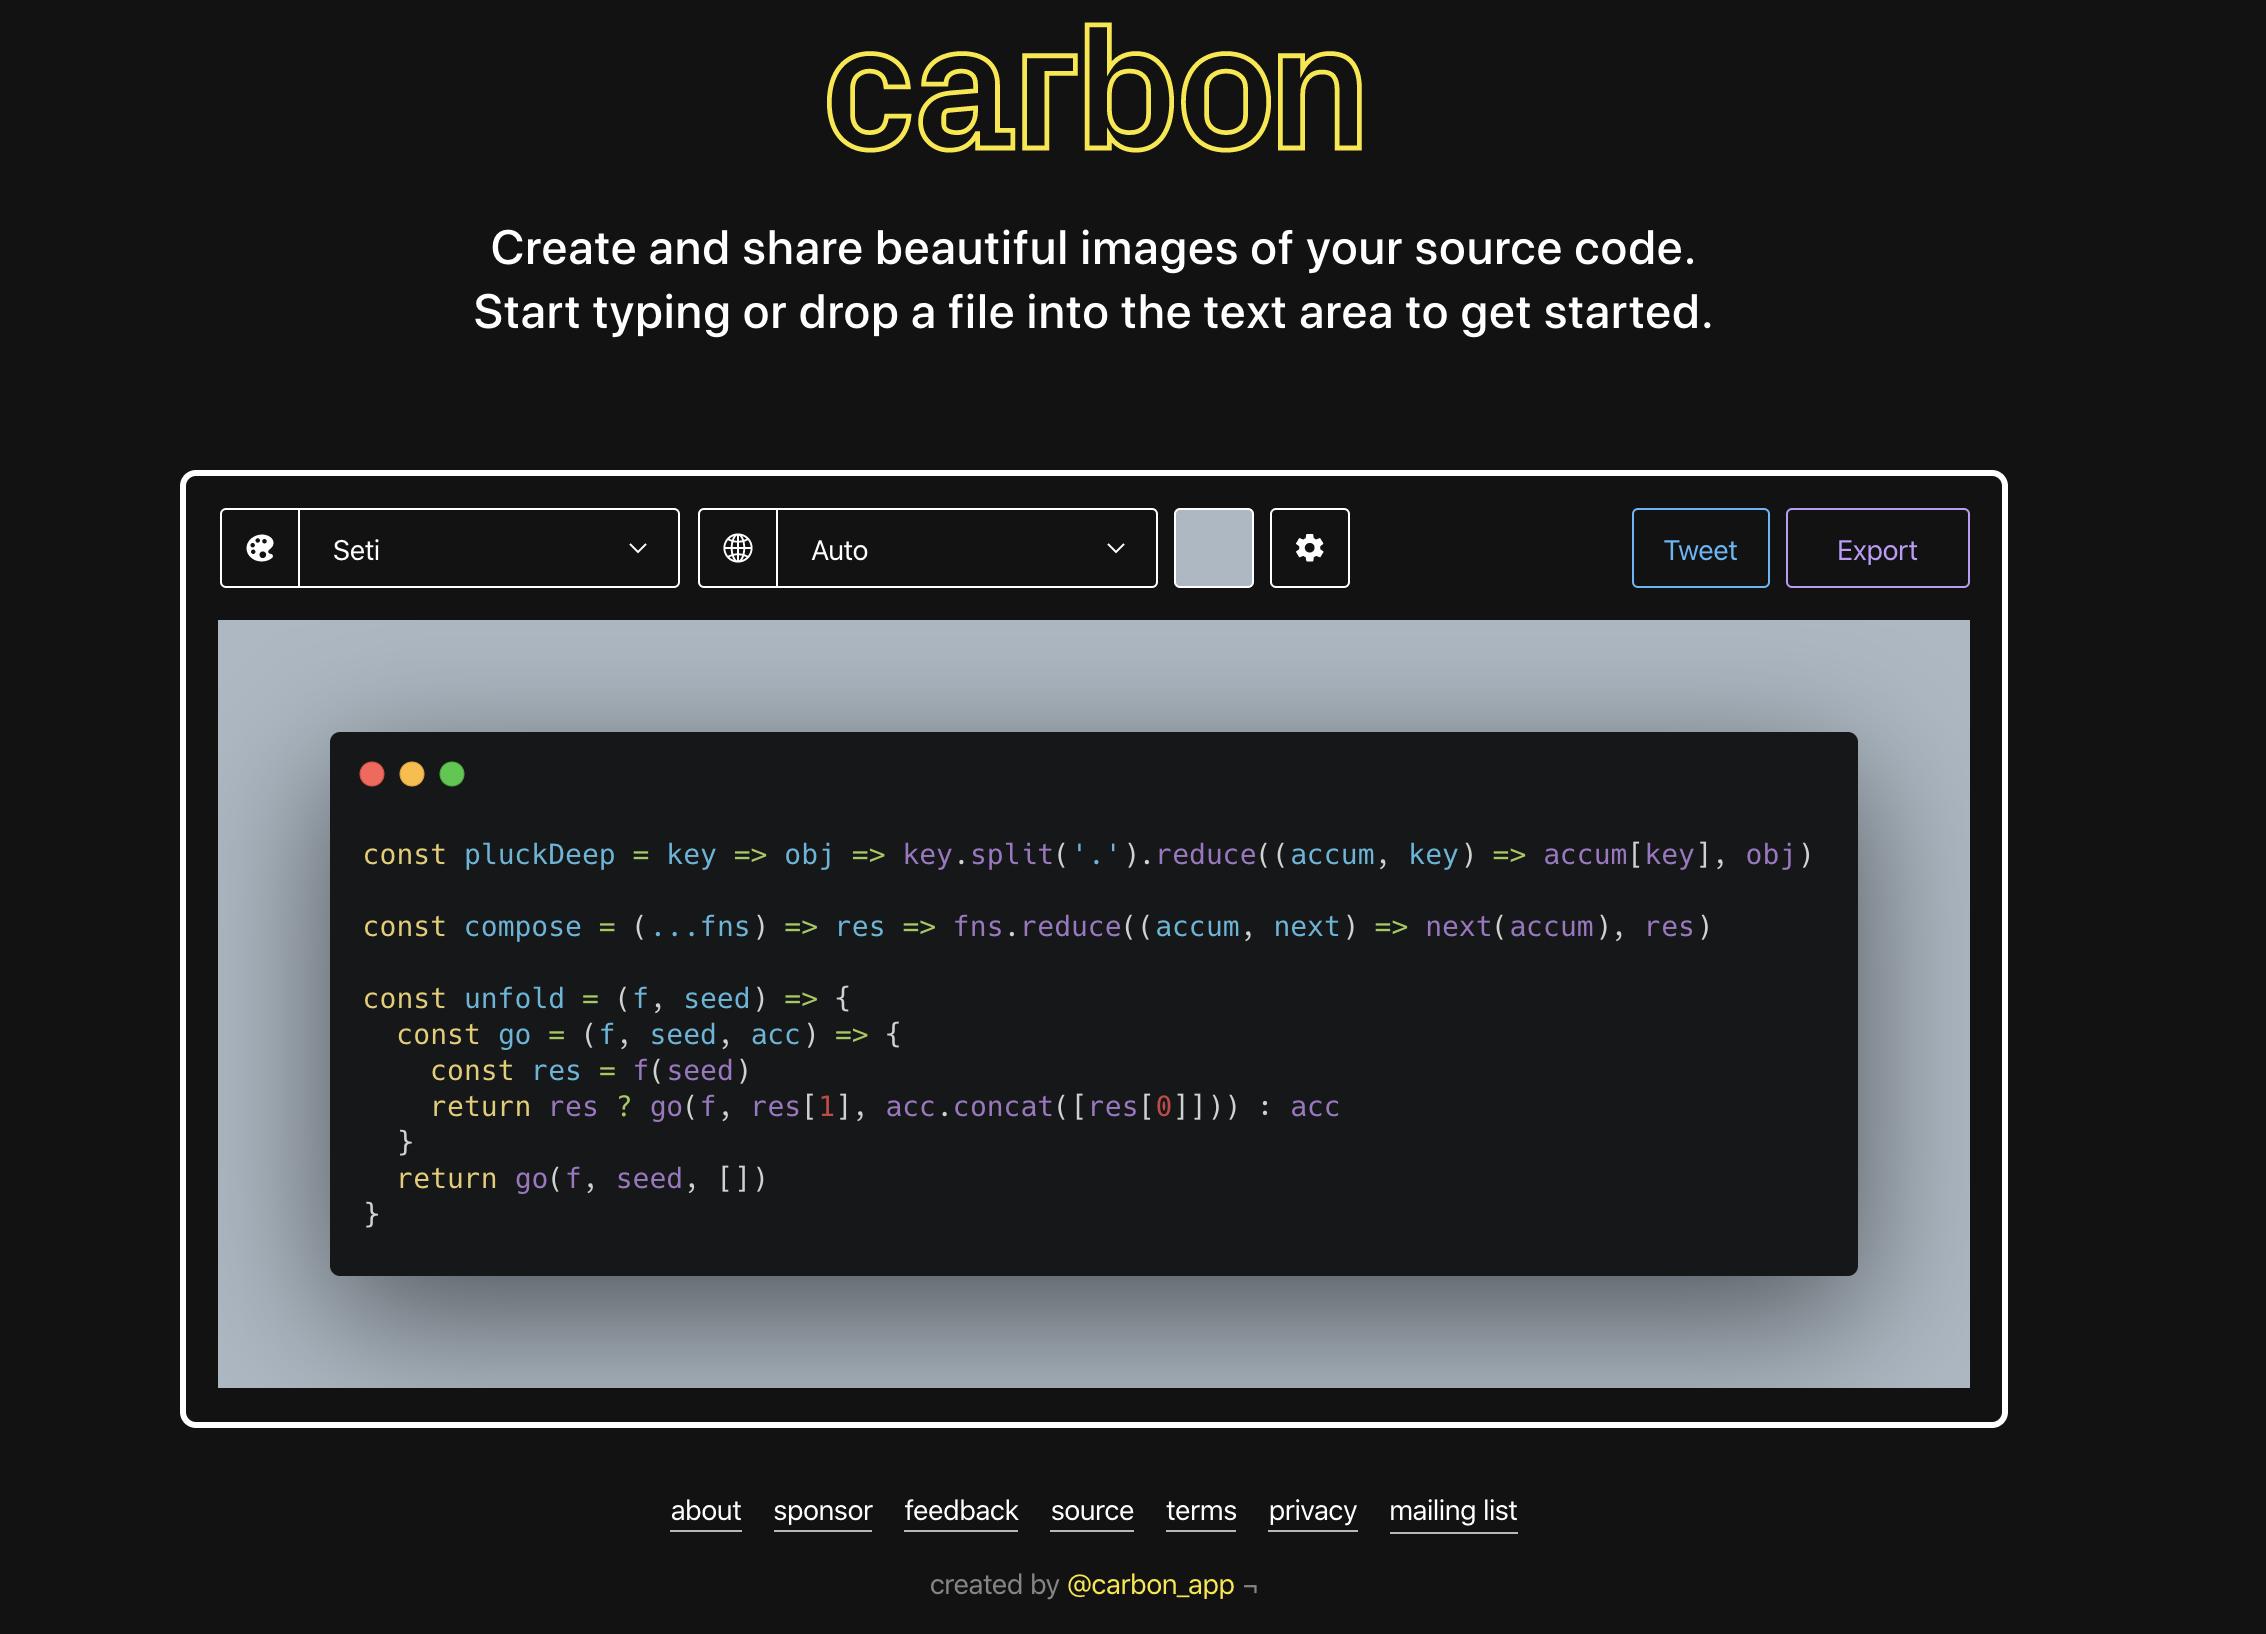 【いいね】「carbon」美しい画像でコードをシェアしてくれるサービス